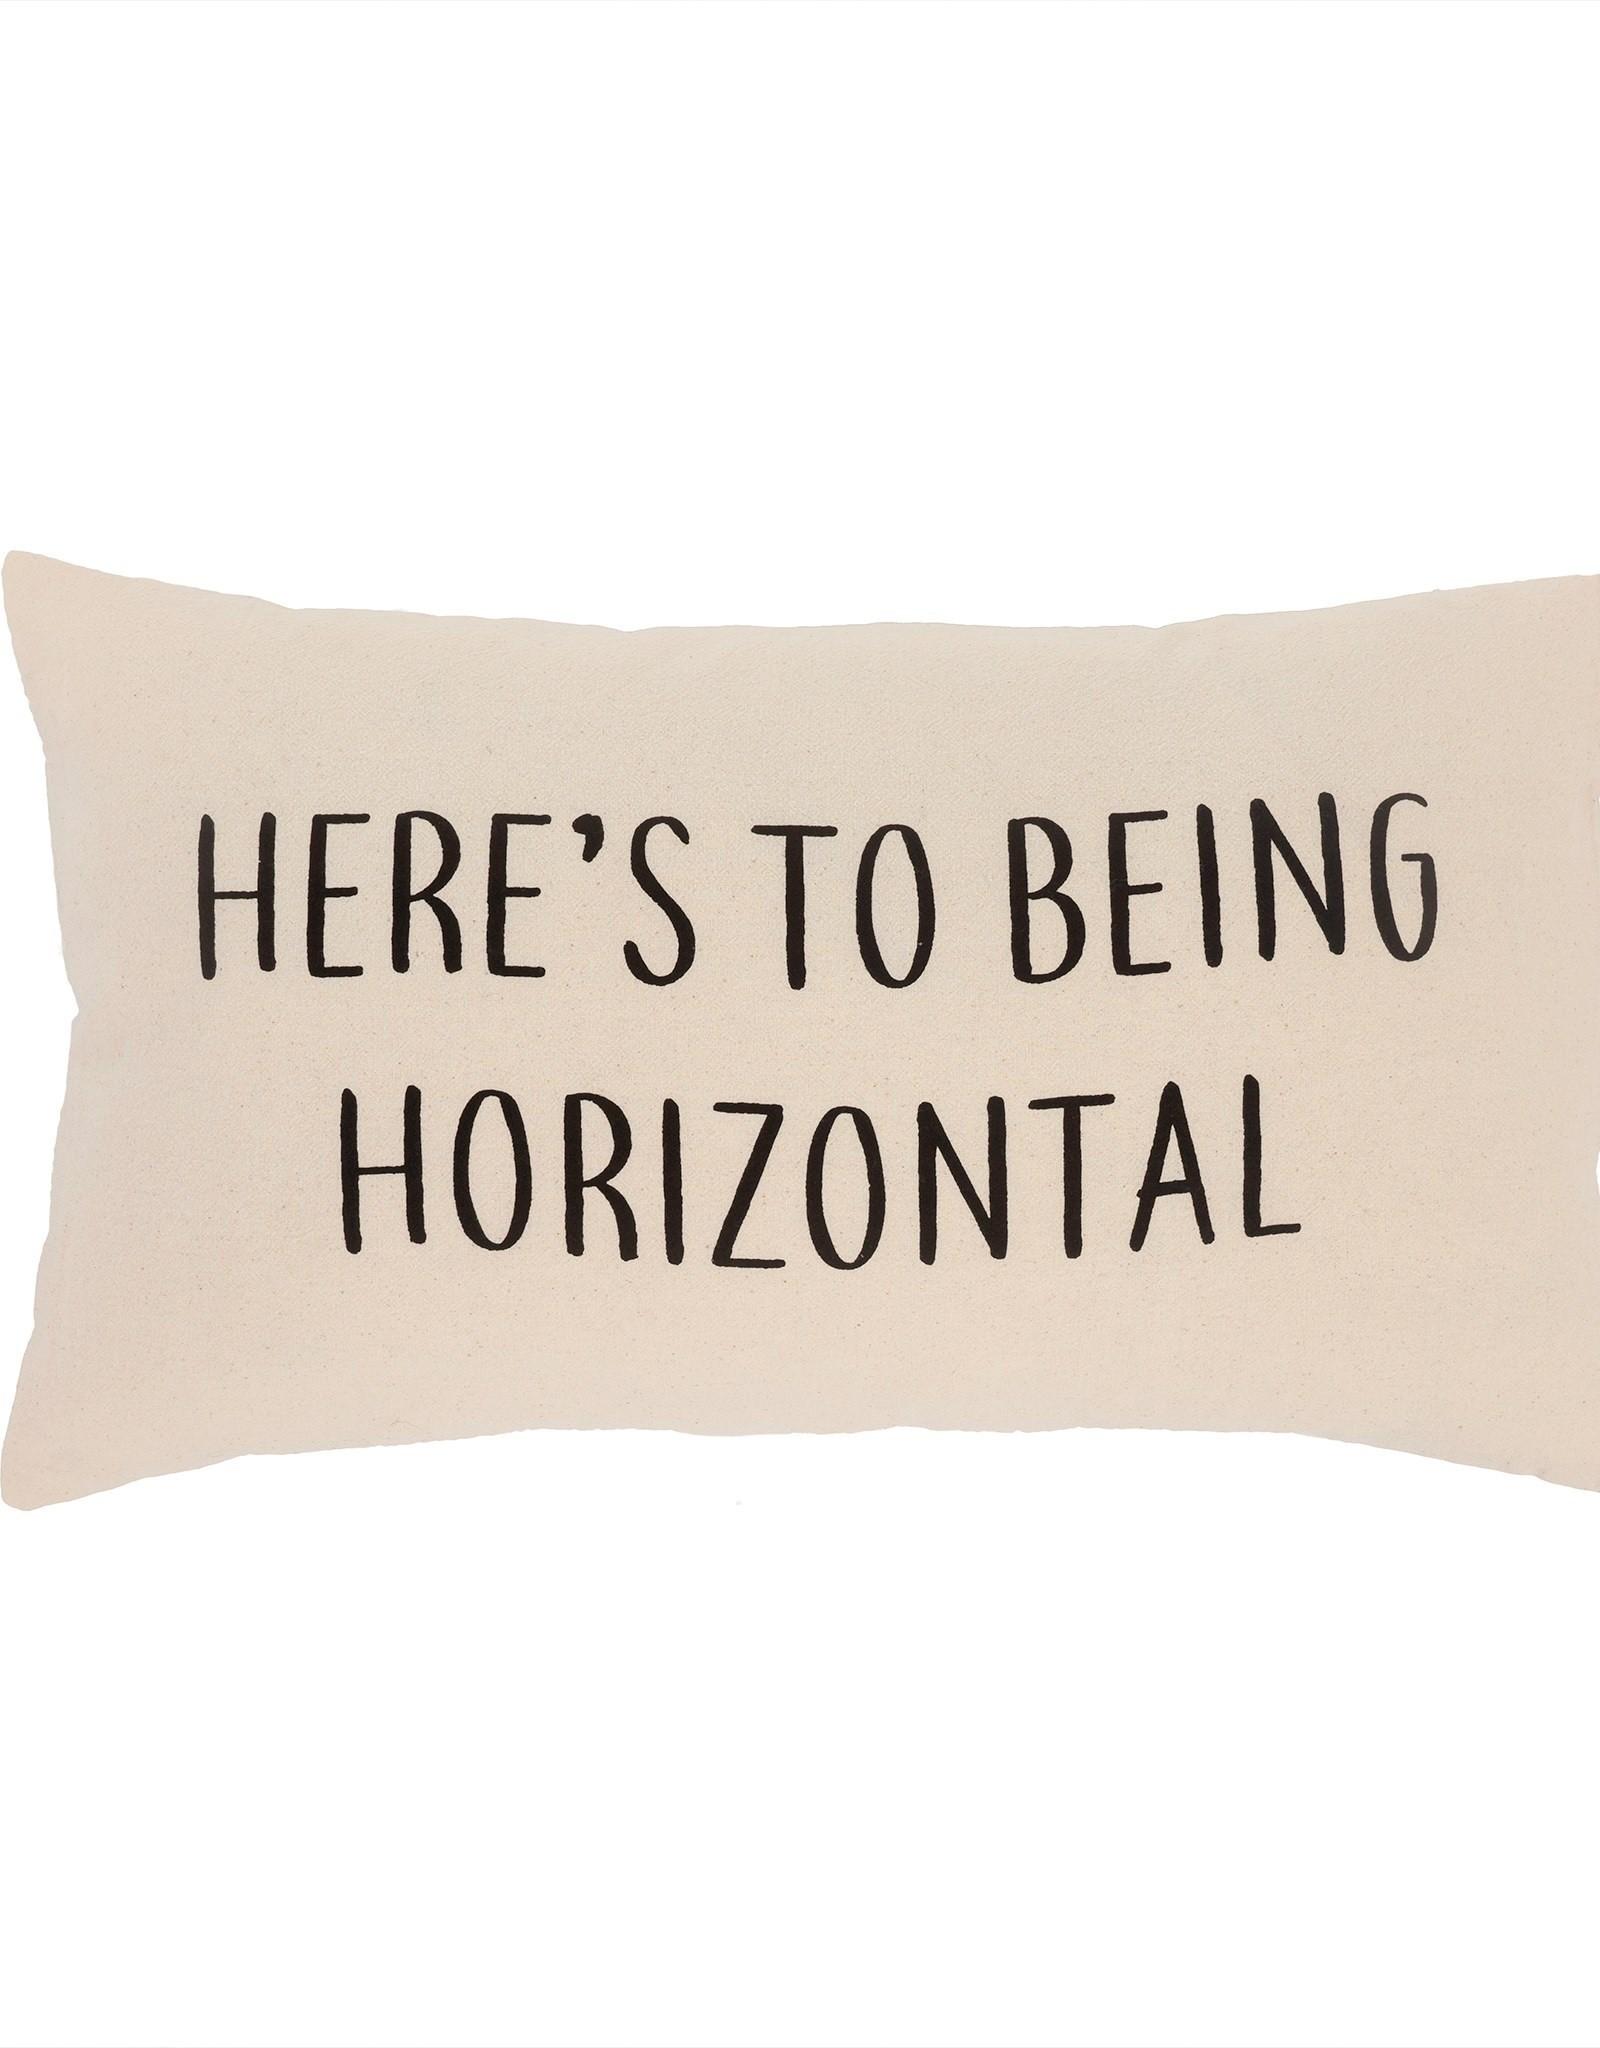 Indaba Cushions Indaba Horizontal 21 x 12 1-7209